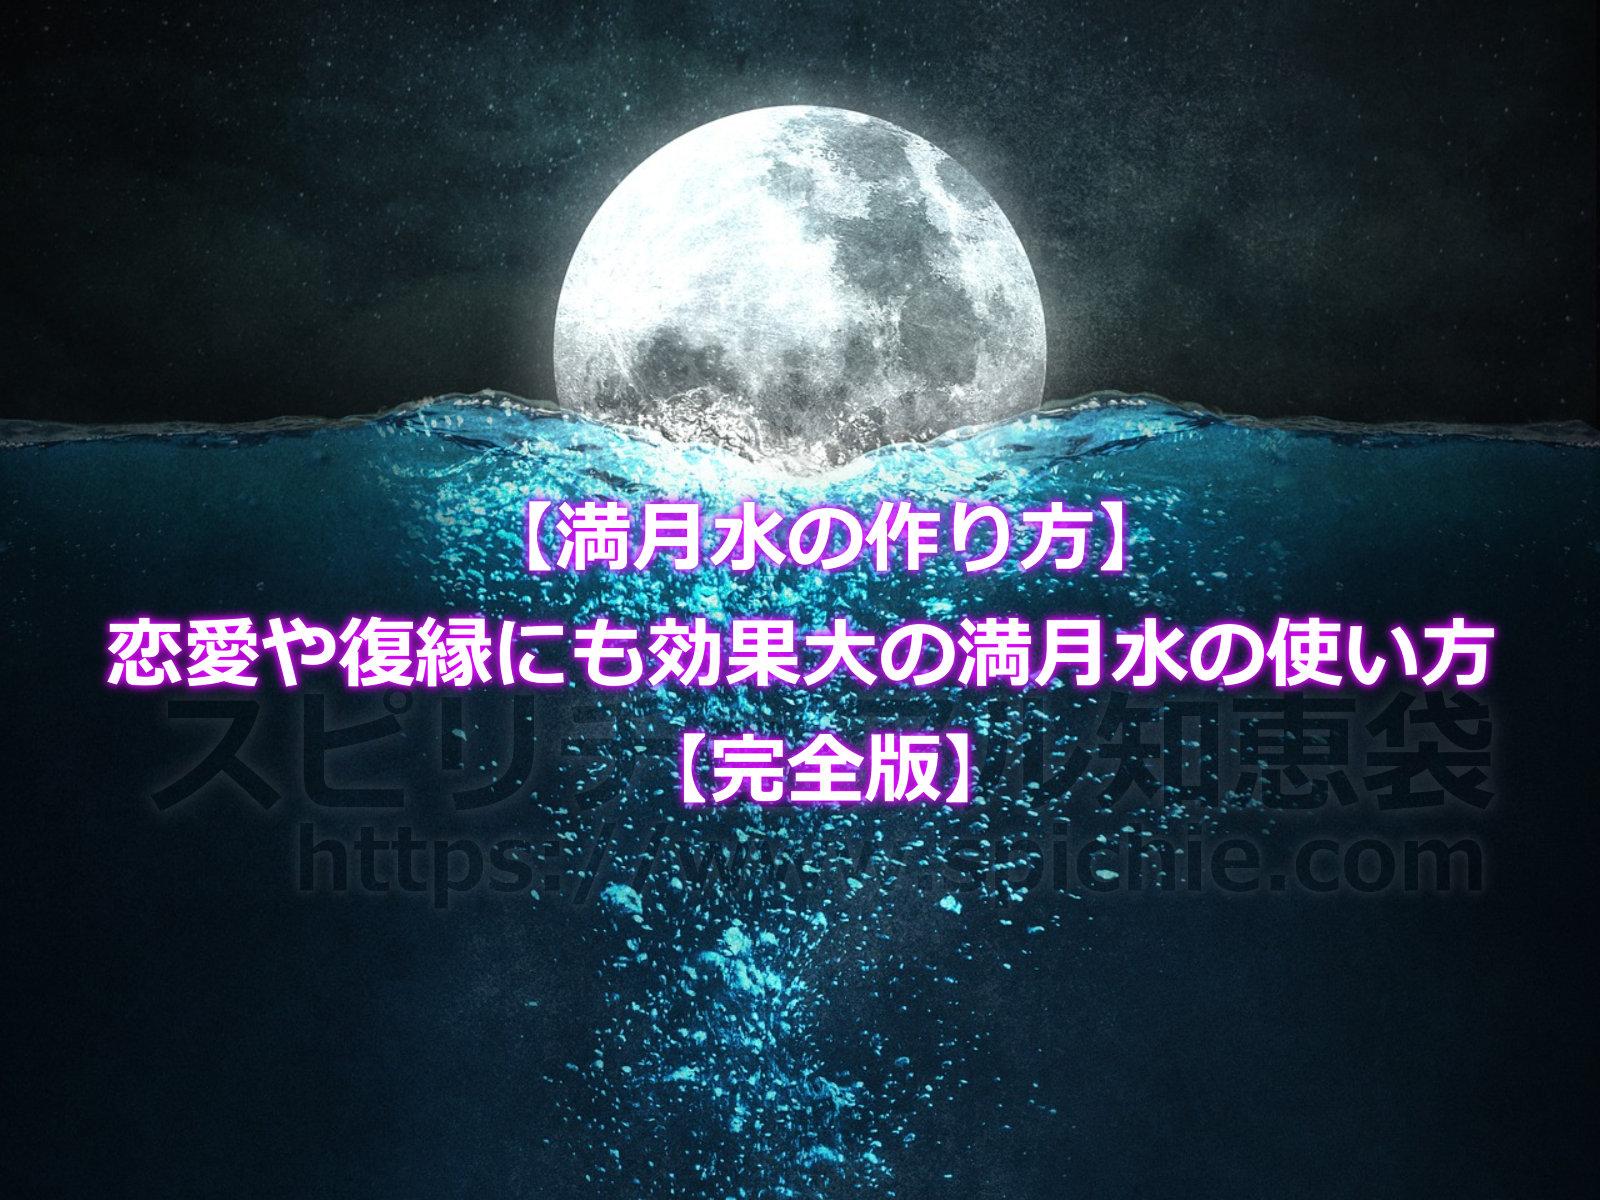 【満月水の作り方】恋愛や復縁にも効果大の満月水の使い方とは?【完全版】のアイキャッチ画像